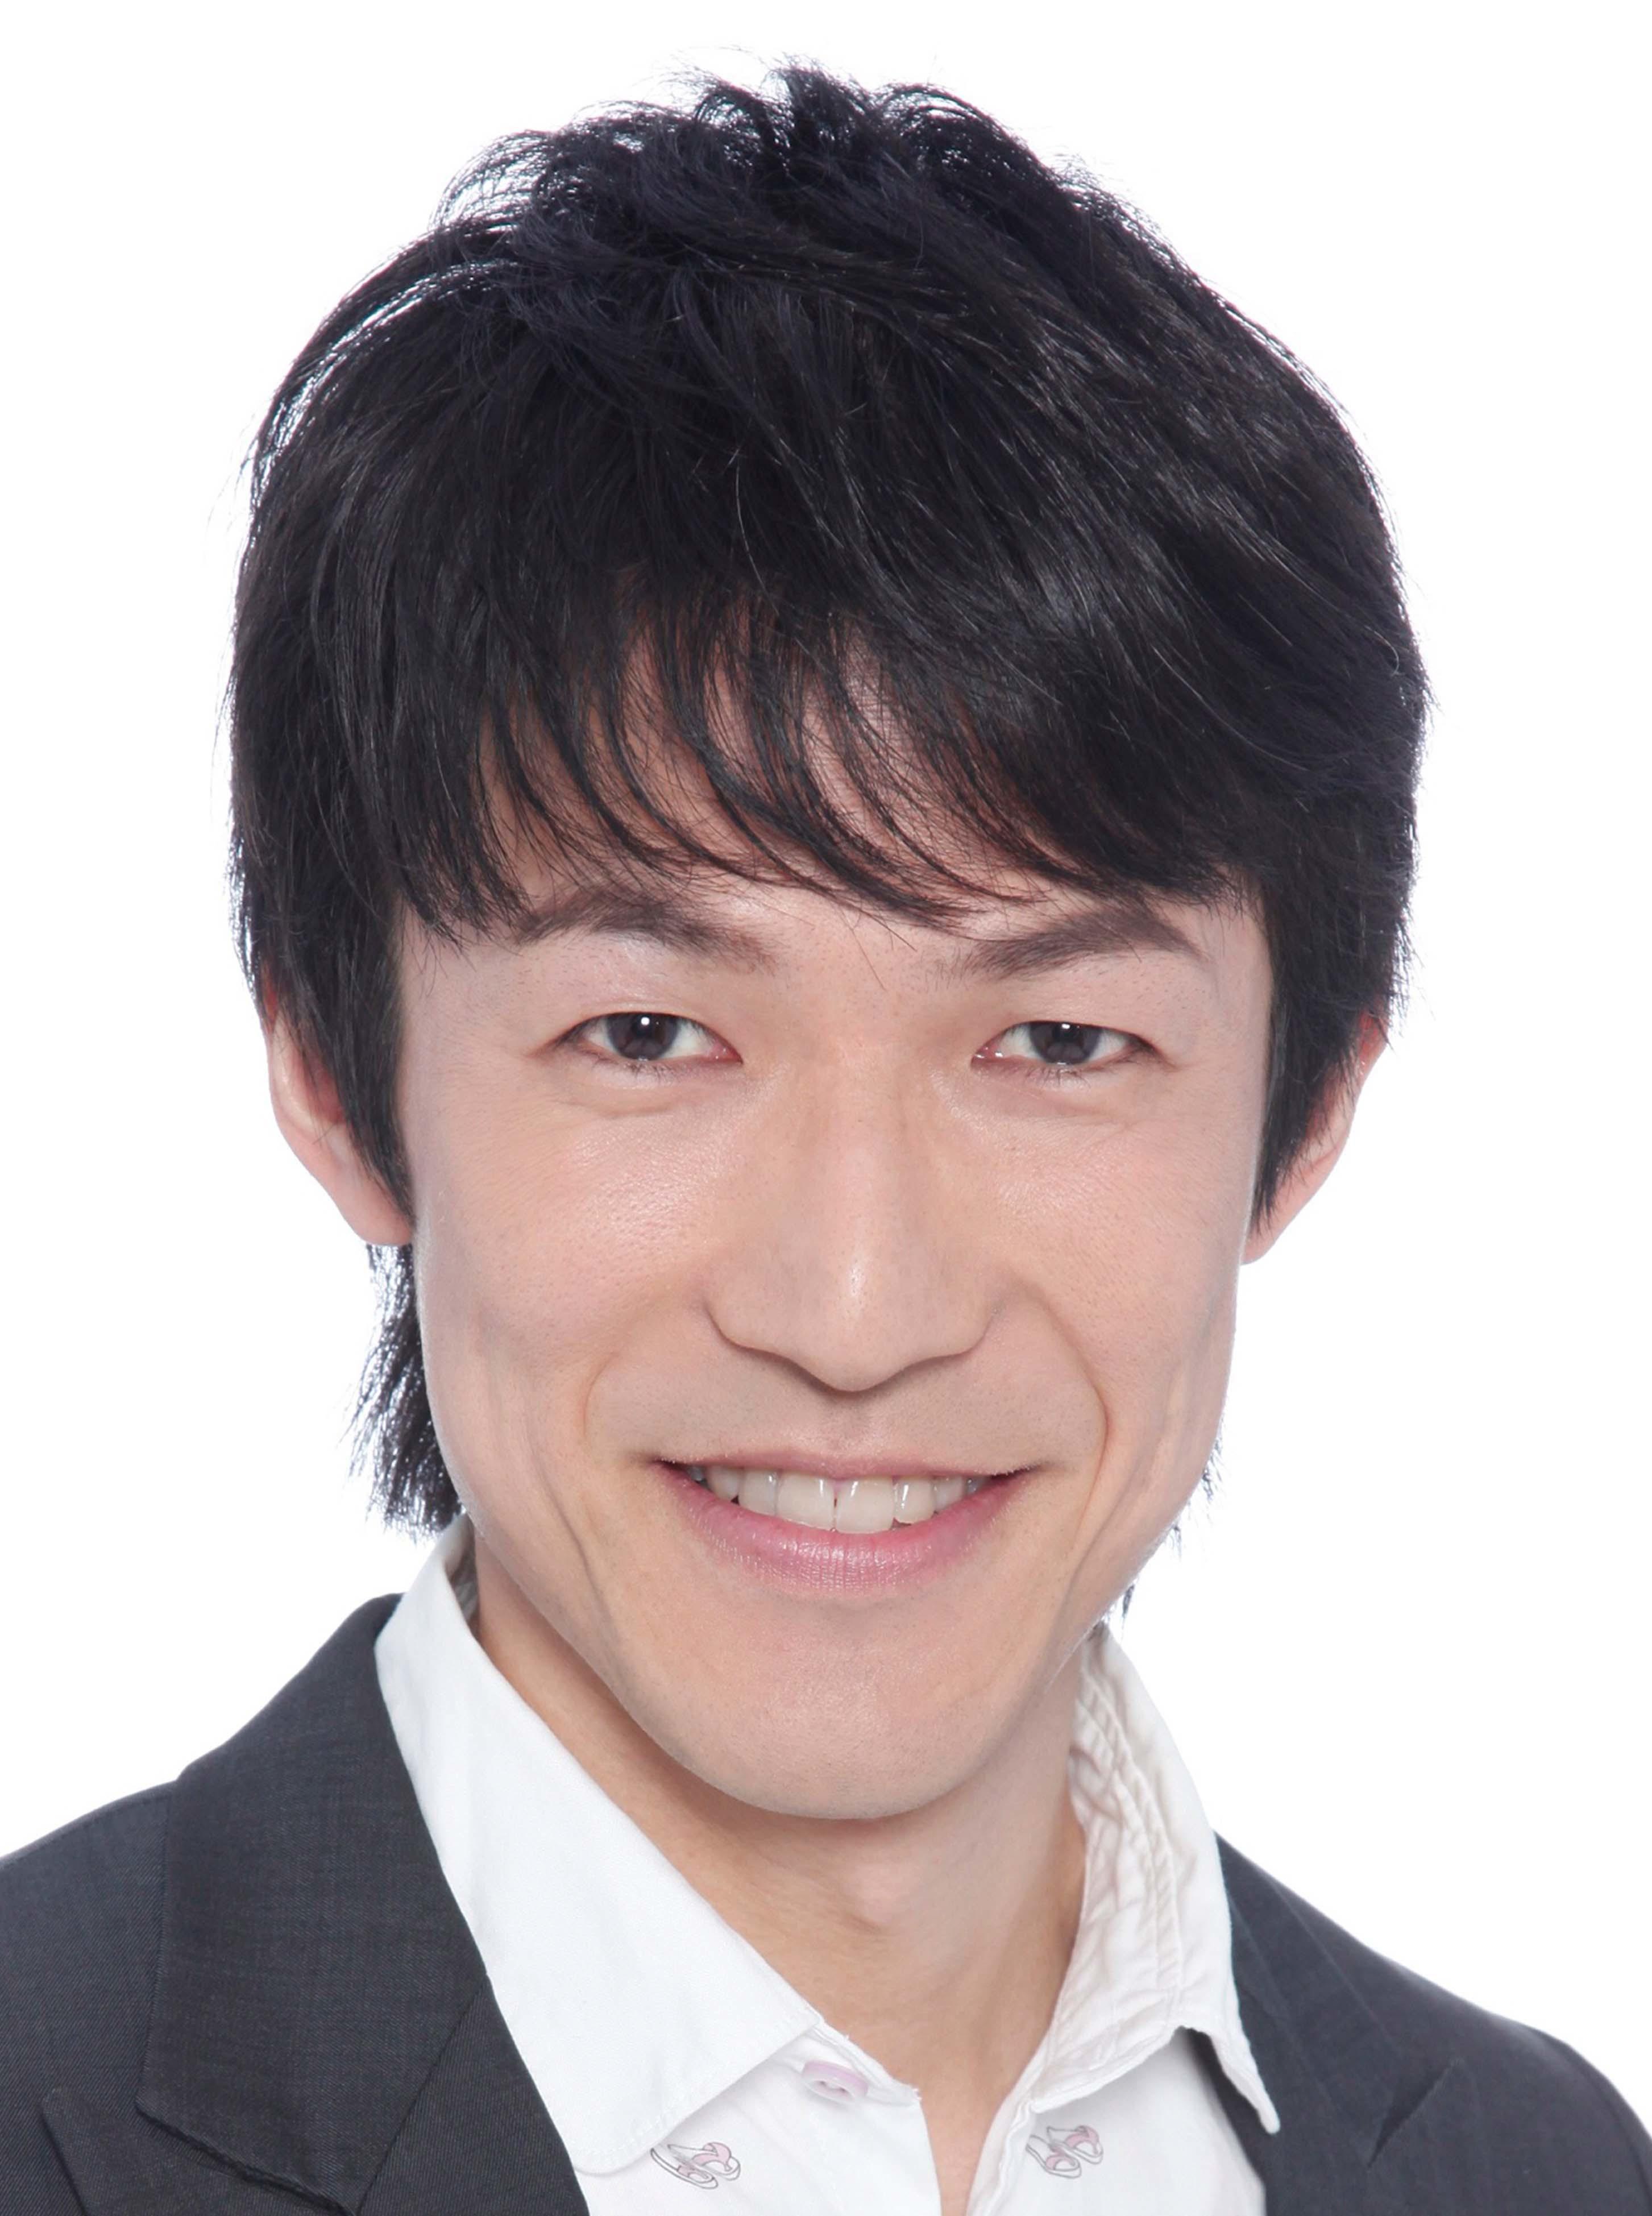 西山丈也(オリジナルキャラクター)